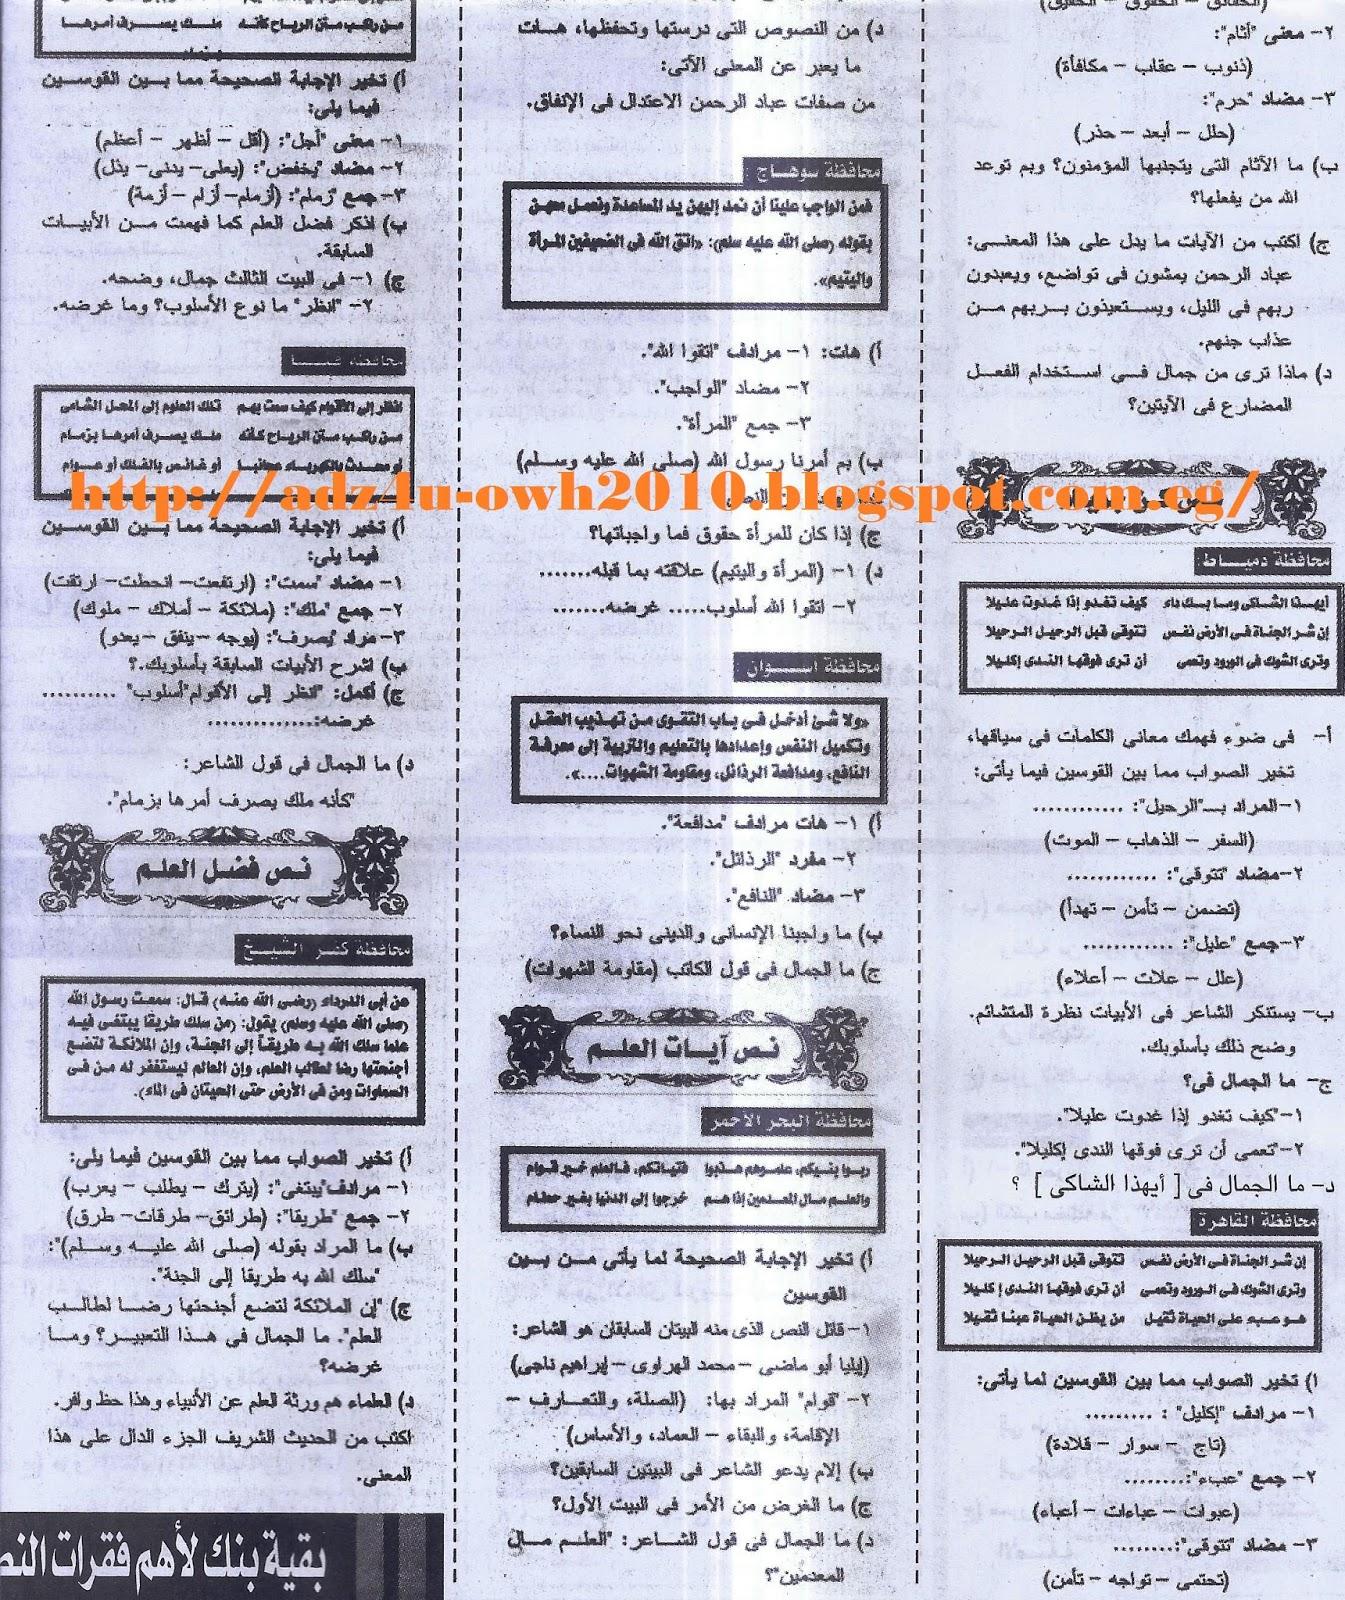 توقعات نصوص الشهادة الاعدادية بالاجابات النموذجية - امتحان نصف العام - ملحق الجمهورية التعليمي 2